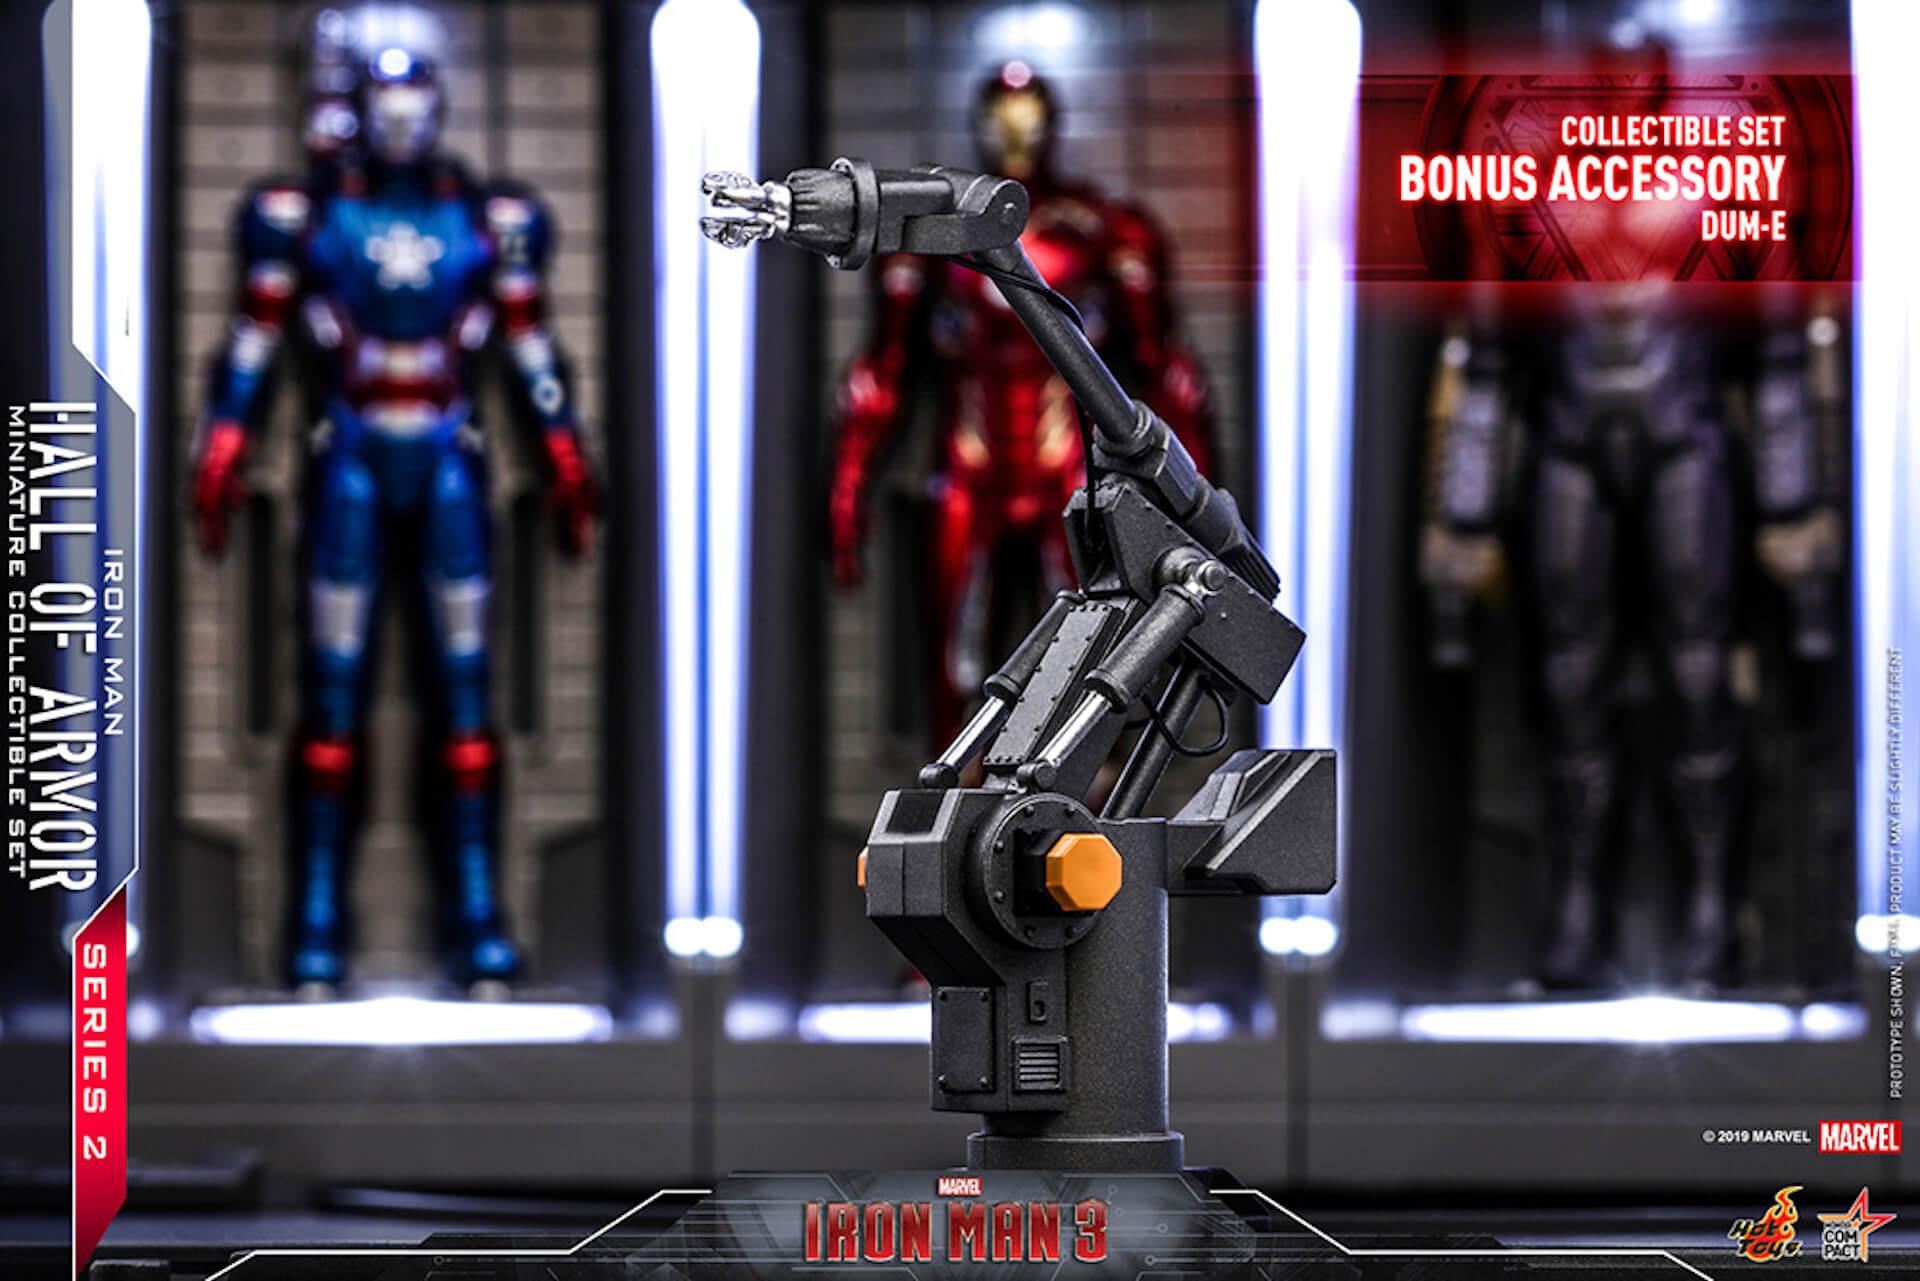 『アイアンマン3』に登場するアーマーが手のひらサイズに!ホットトイズからアイアンマンのミニチュアシリーズ2がホール・オブ・アーマー付き6体セットで発売! ac200124_hottoys_ironman_03